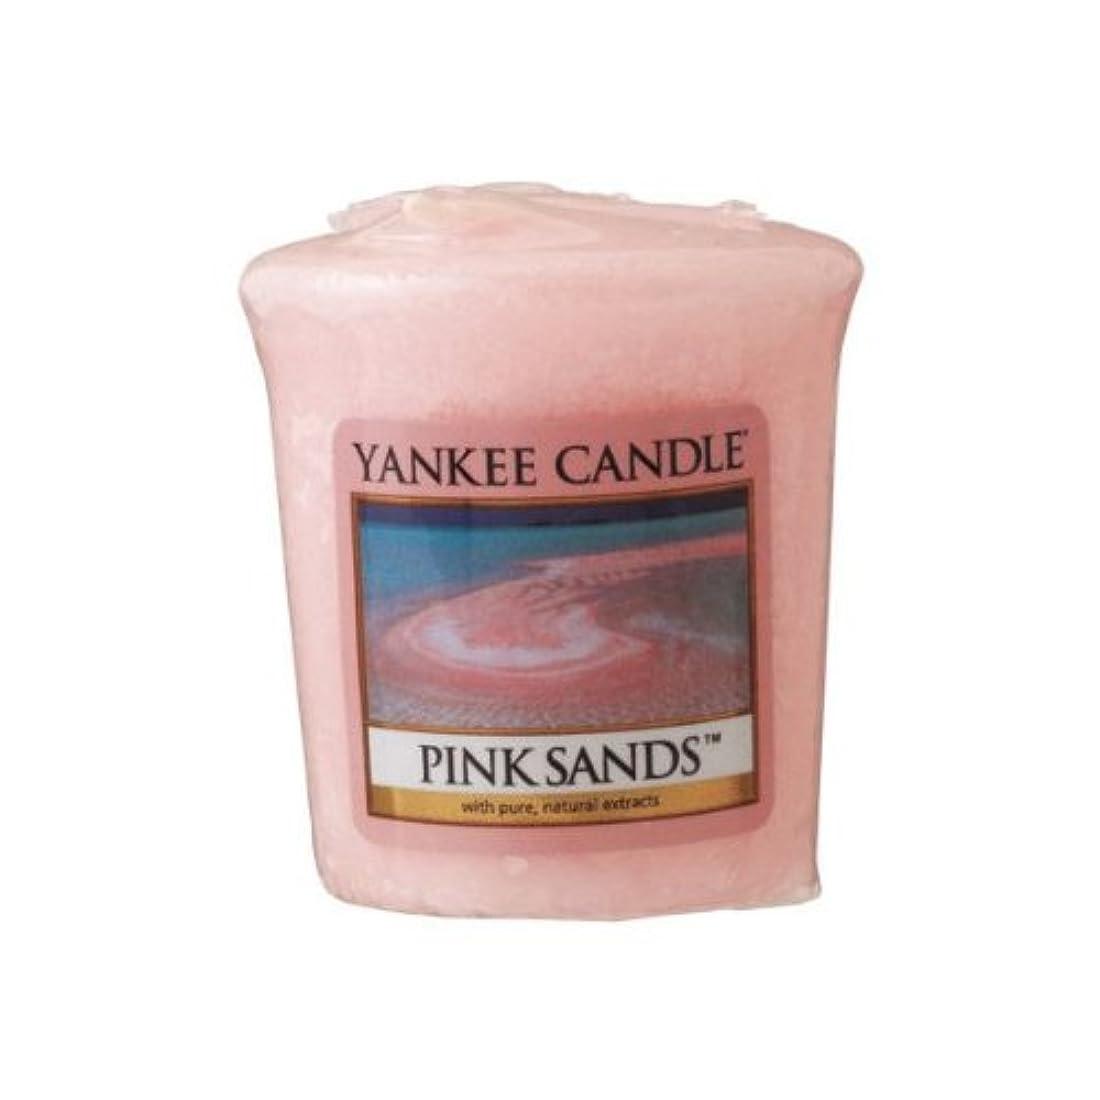 シャンプー特異な帝国主義YANKEE CANDLE(ヤンキーキャンドル) サンプラー ピンクサンド